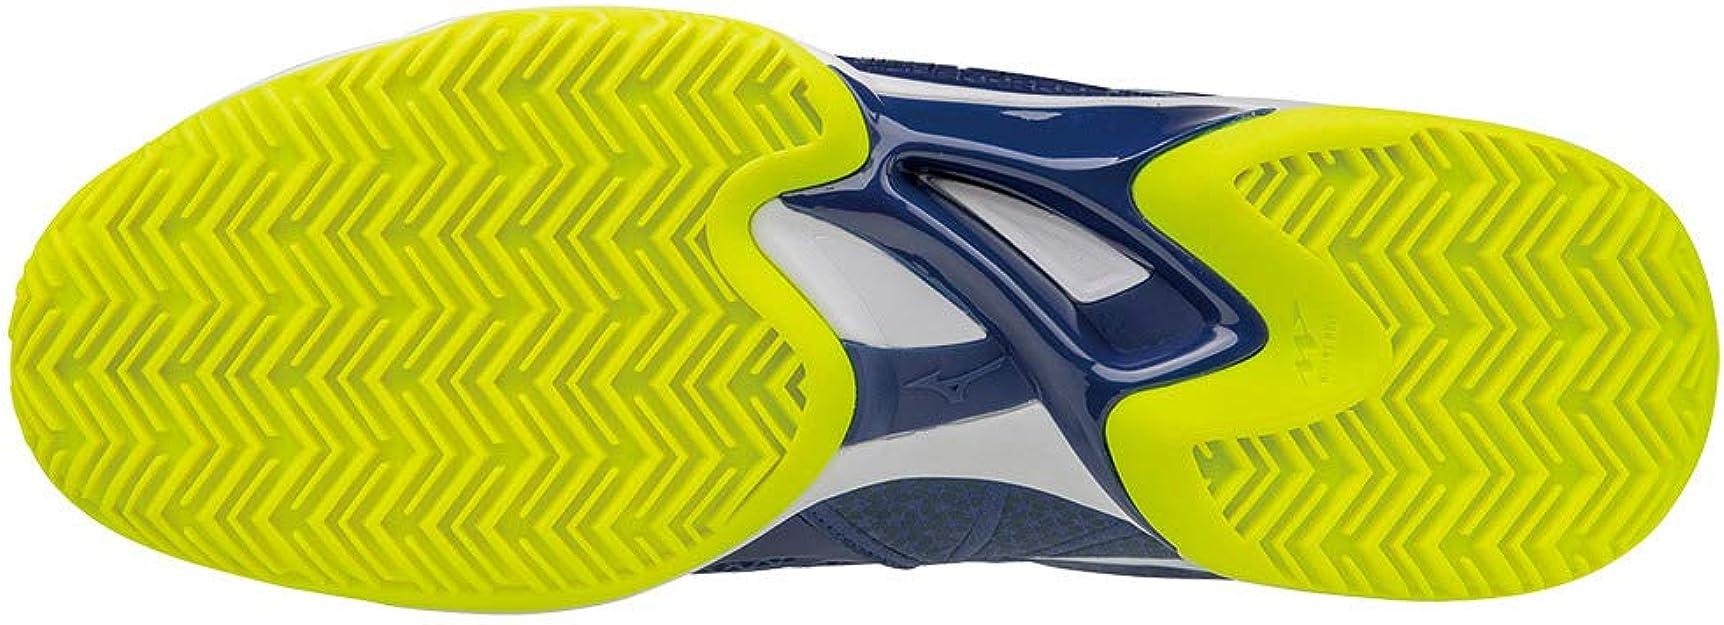 Mizuno Wave Exceed Tour 2 Clay Court Zapatilla De Tenis: Amazon.es ...